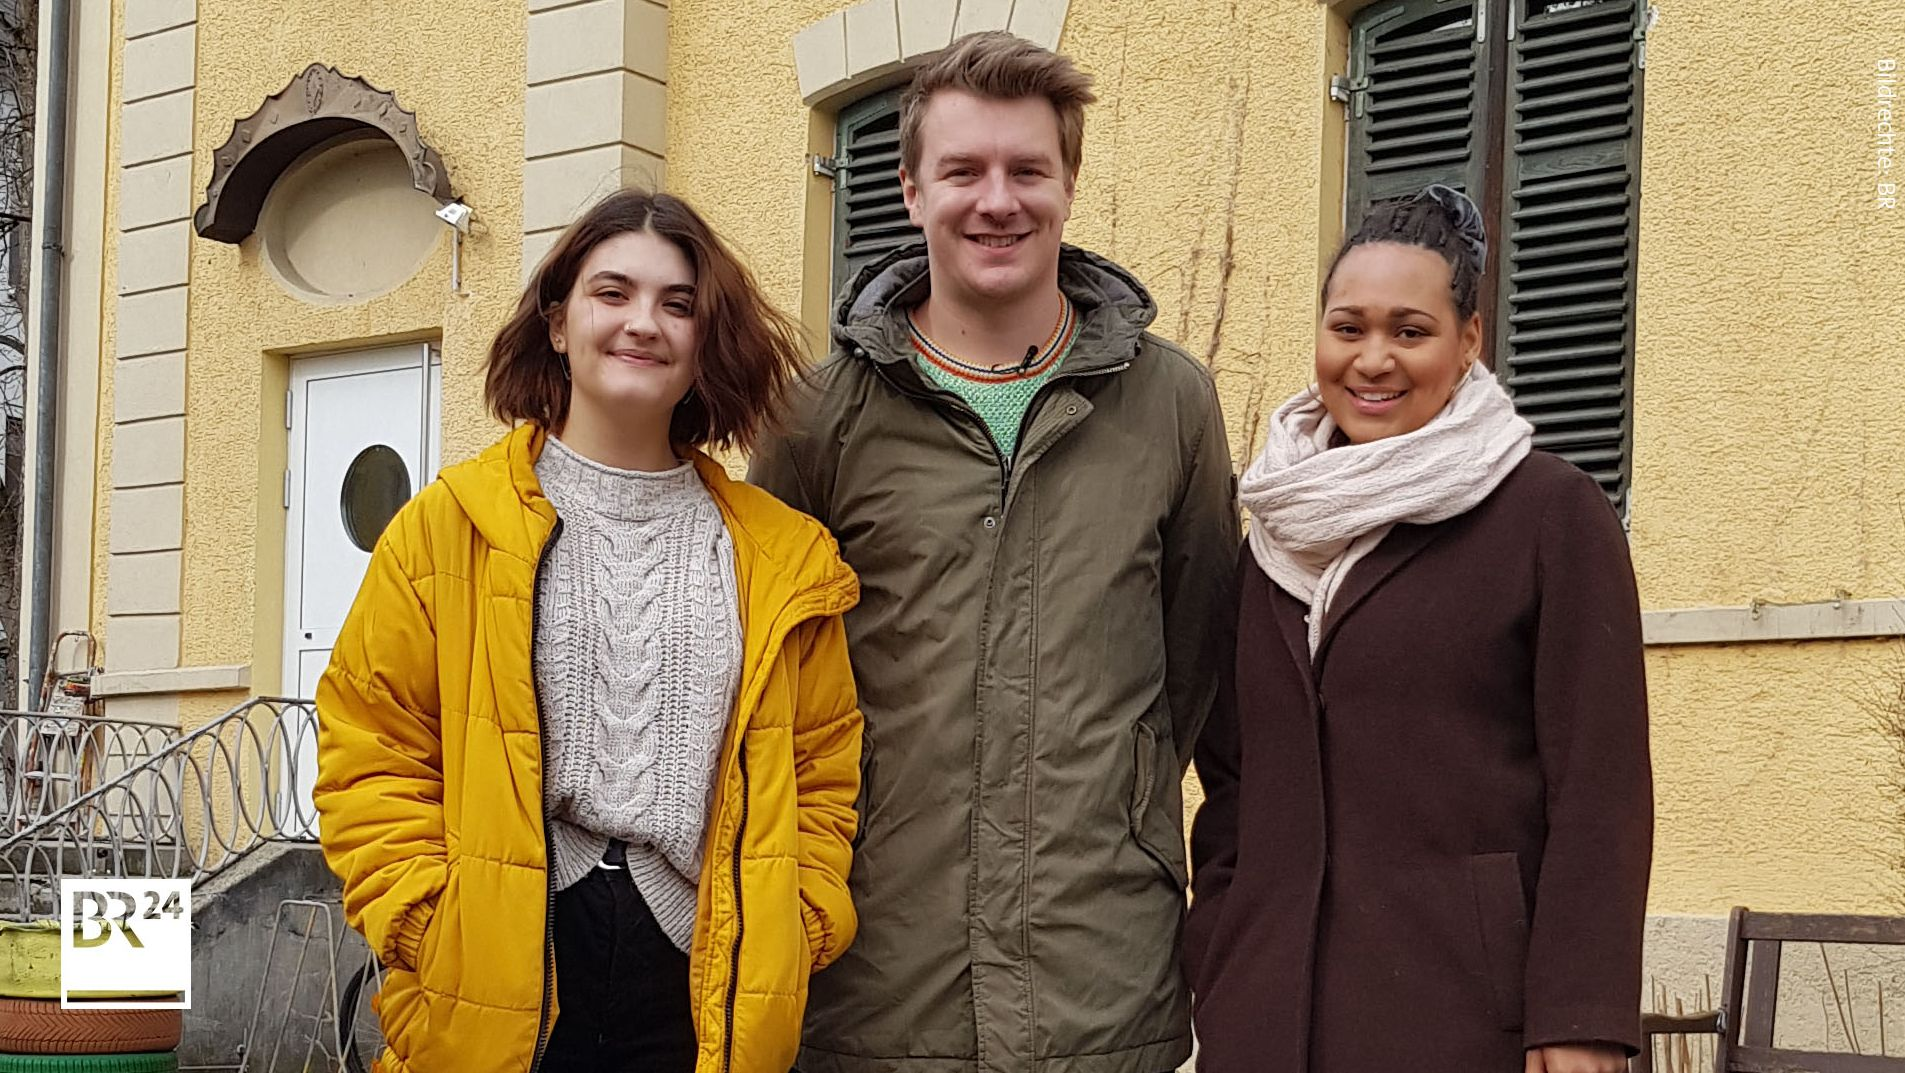 Sarah Bauer, Sprecherin von Fridays for Future Augsburg, DemokraWie-Moderatoren Daniel Peter und Tyra Webster